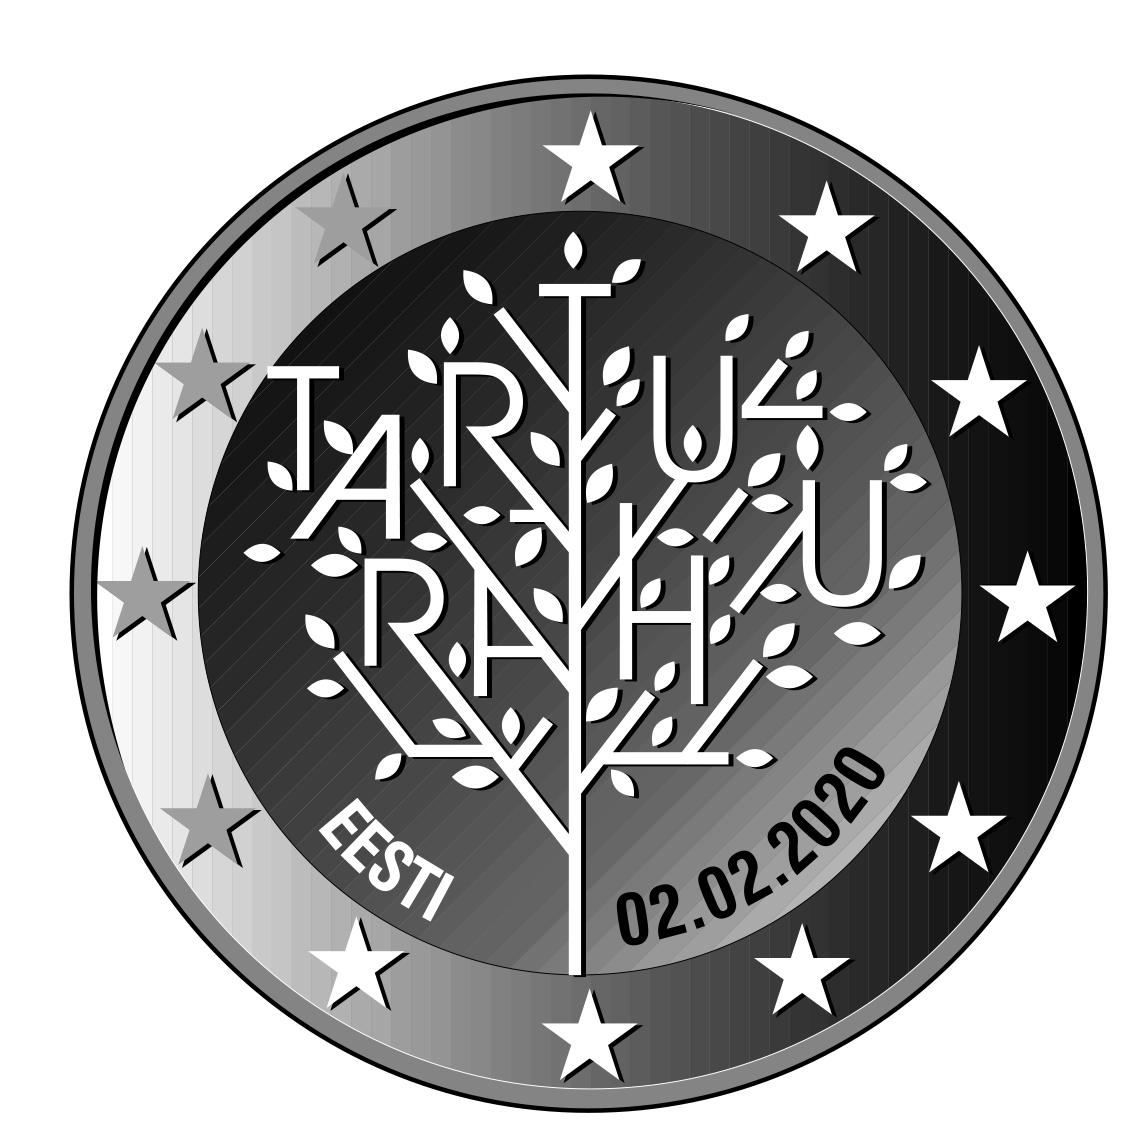 Tartu rahu 100. aastapäevale pühendatud 2eurose mälestusmündi kujundus